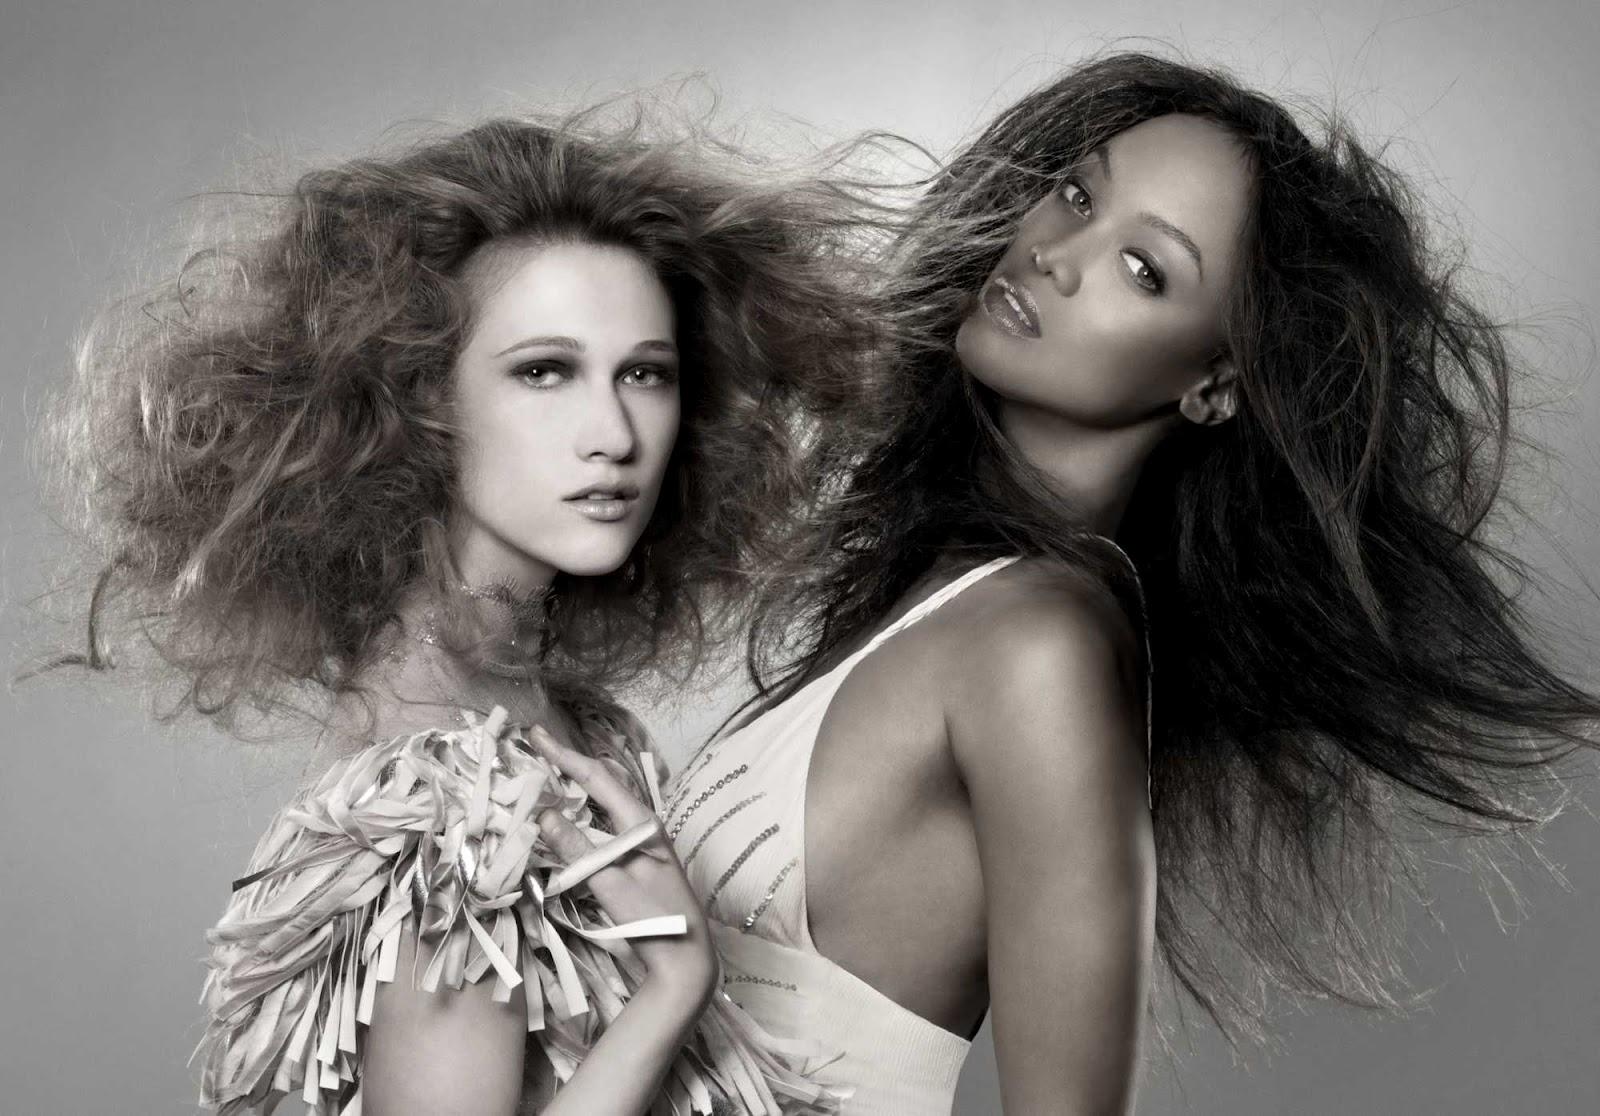 http://3.bp.blogspot.com/-Aqdxc0roG8E/UEY1SOoLPDI/AAAAAAAAINk/doYTQ6YZ5fY/s1600/ModelClicker+ANTM+America\'s+Next+Top+Model+Cycle+13+Nicole+Fox+&+Tyra+Banks.jpg